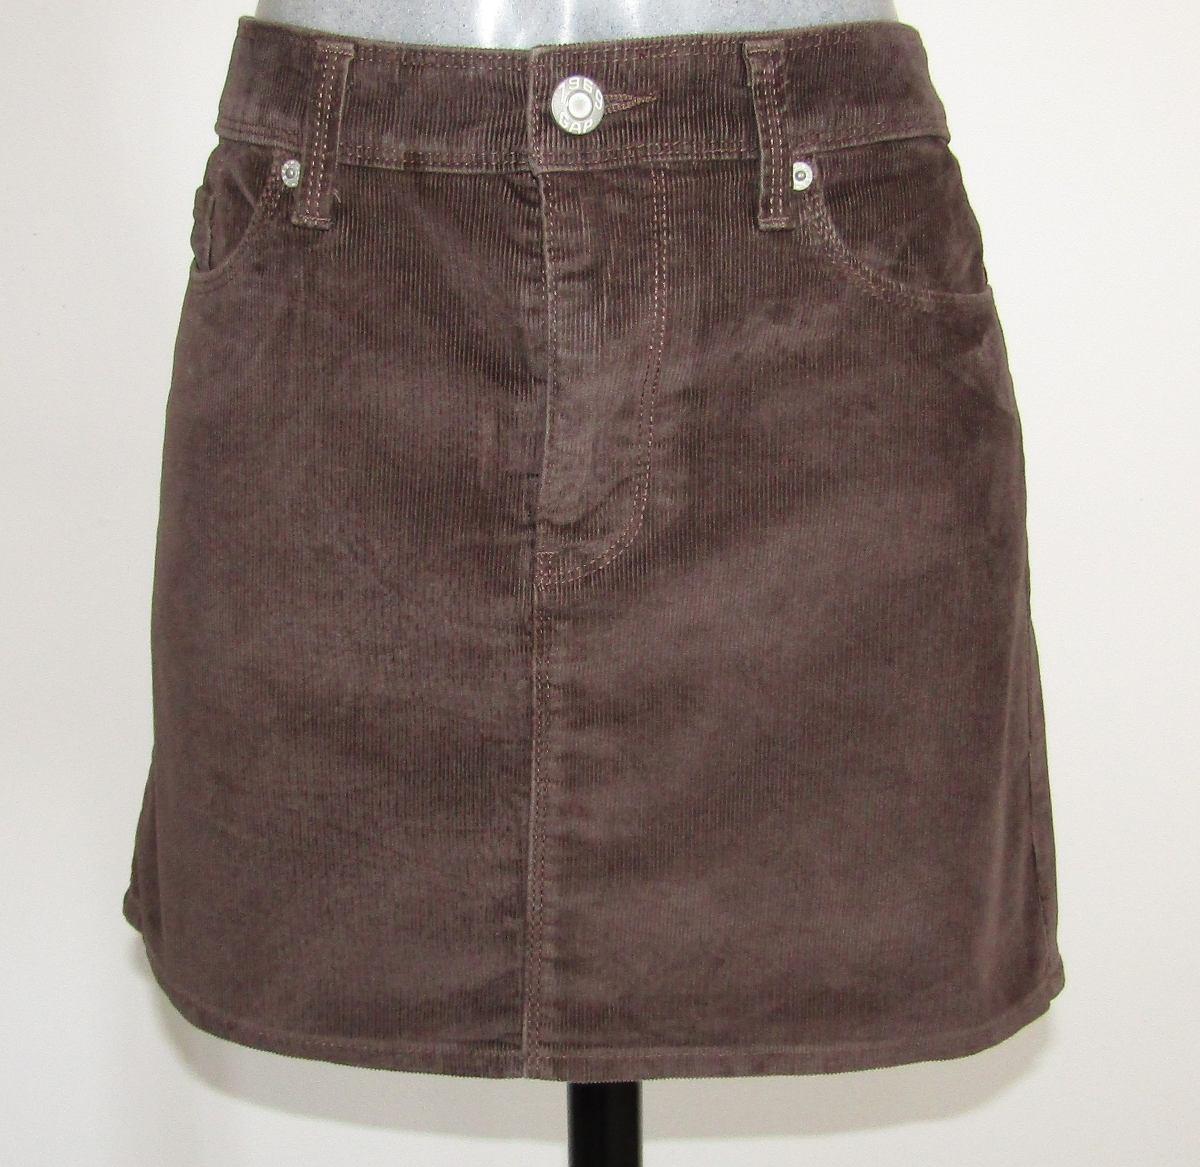 Mini Falda De Pana Gap Talla Chica -   149.00 en Mercado Libre 439c22f8b110